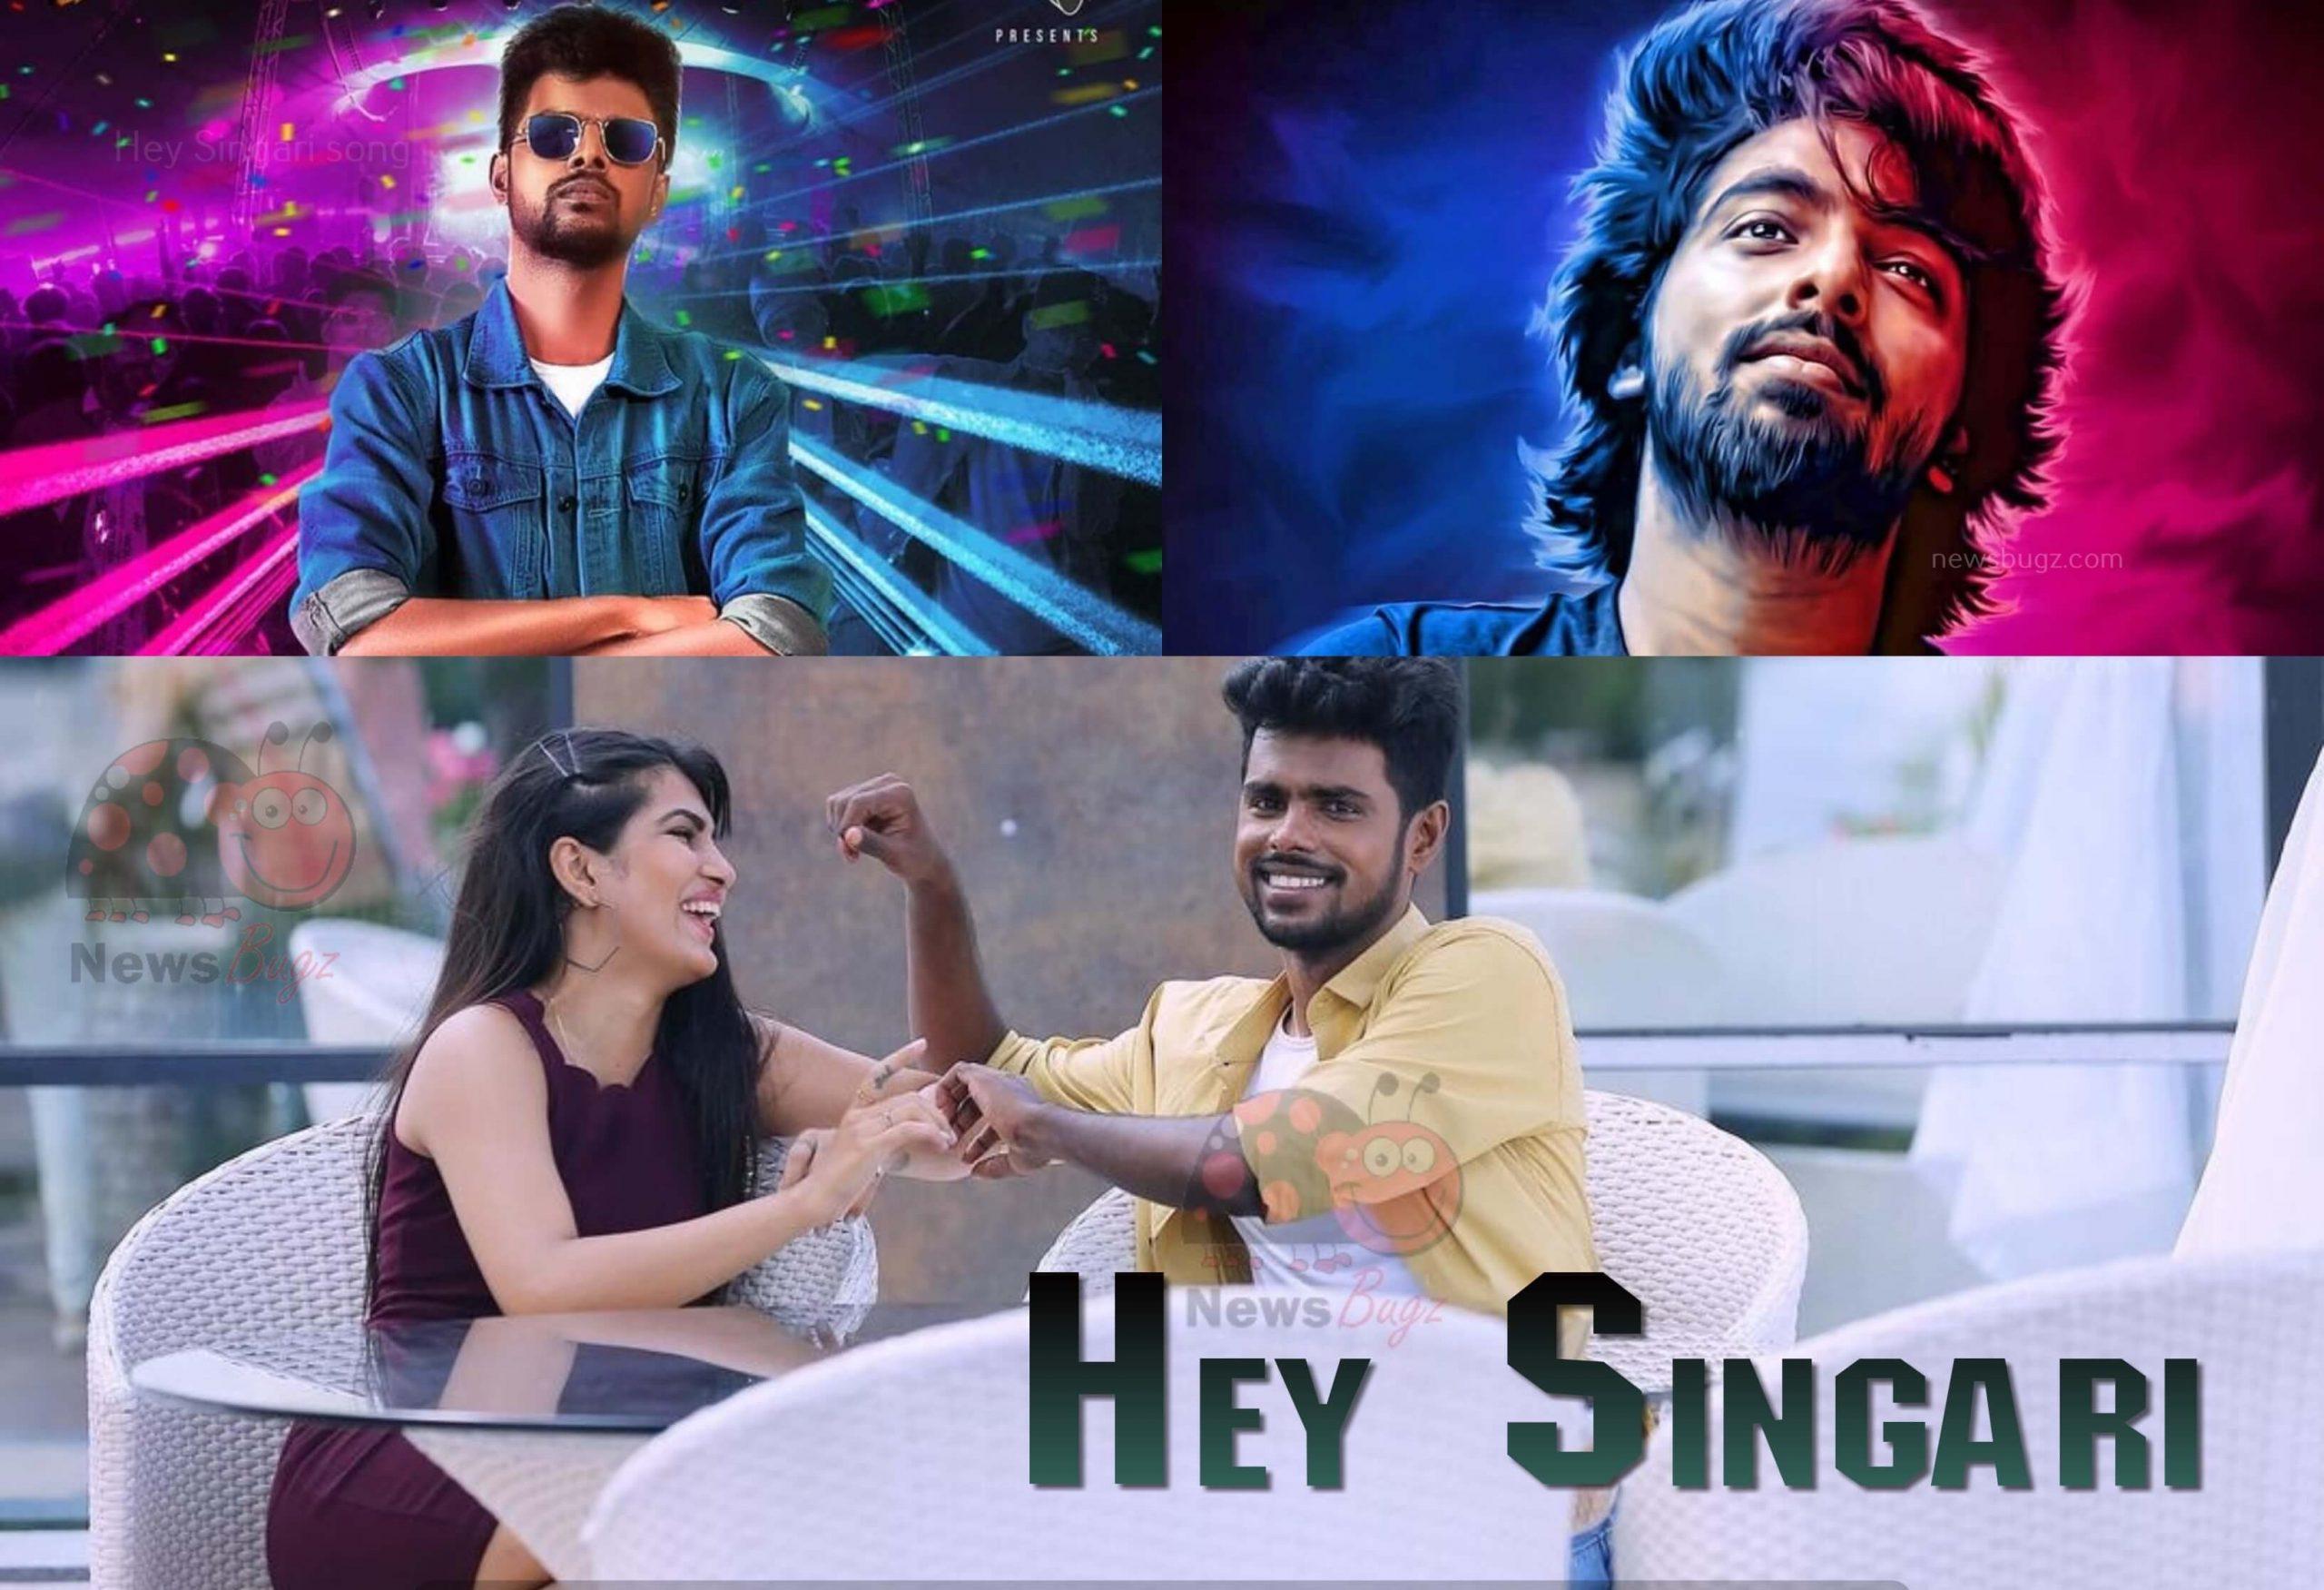 Hey Singari Song Lyrics